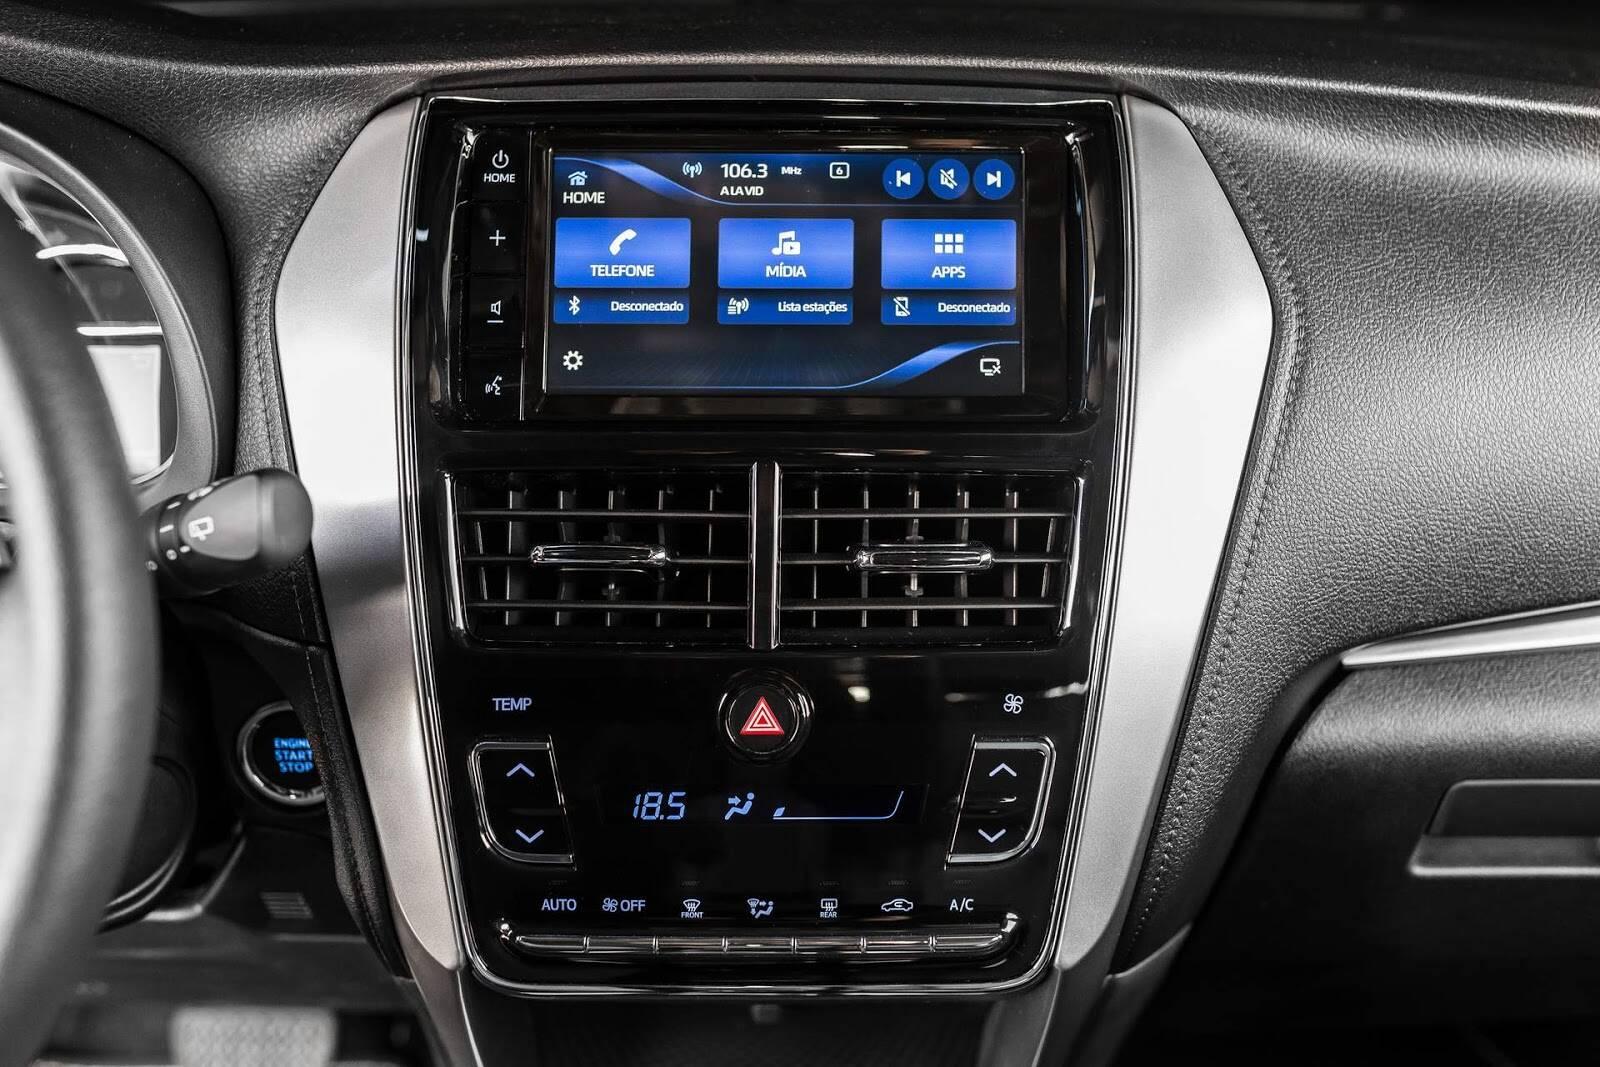 Nova central multimídia do Toyota Yaris, desenvolvida em conjunto com a Harman. Foto: Divulgação